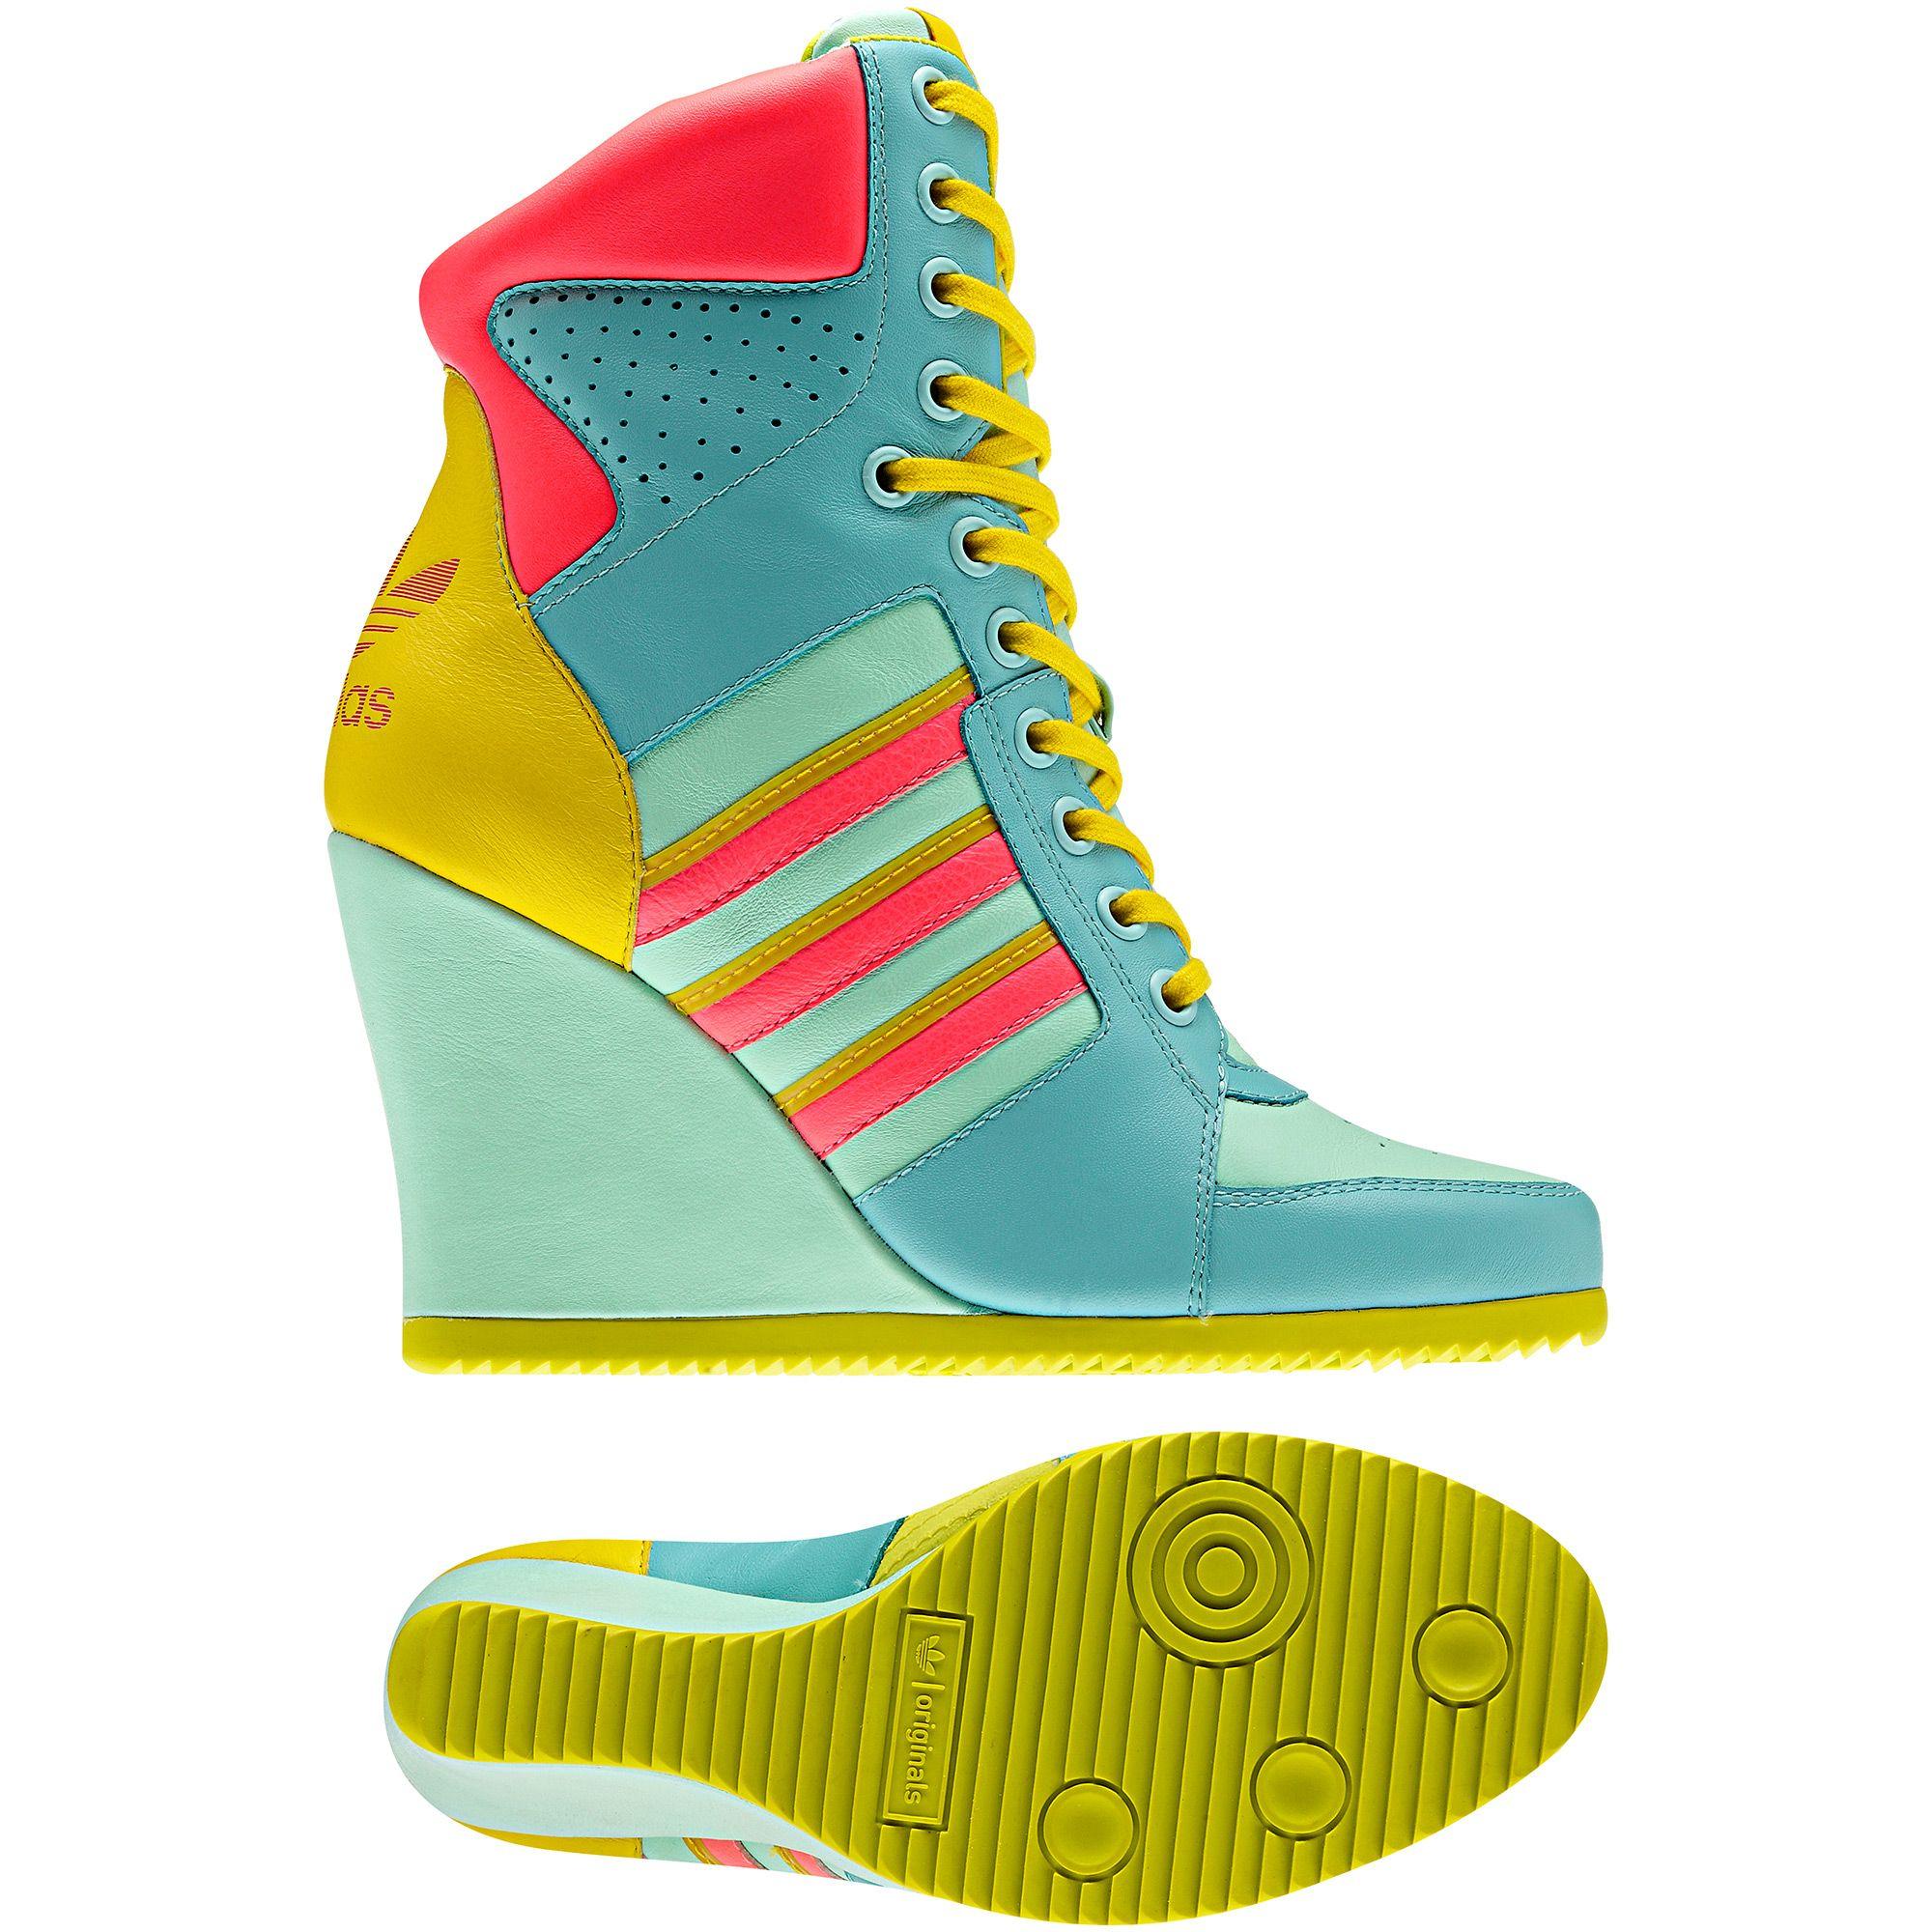 Adidas Damenschuhe ORIGINALS Jeremy Scott JS CRAZY 97KeilSchuhe